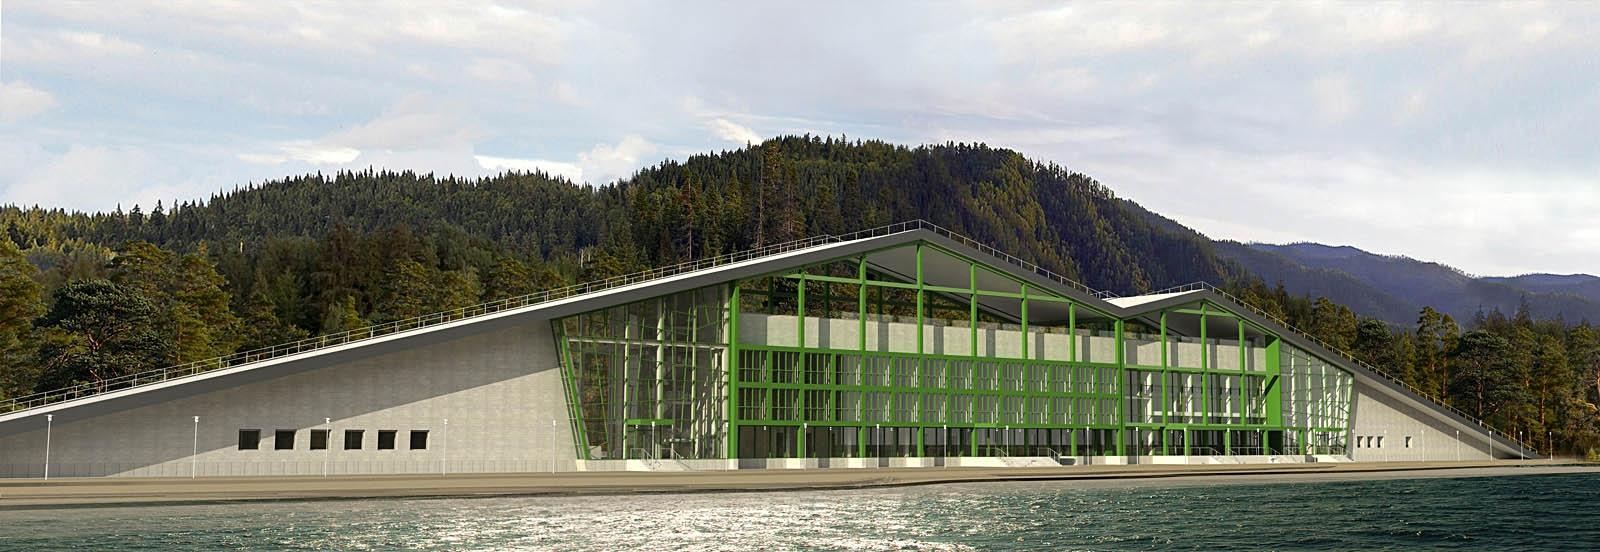 work-Проект гостиничного комплекса на берегу озера Байкал